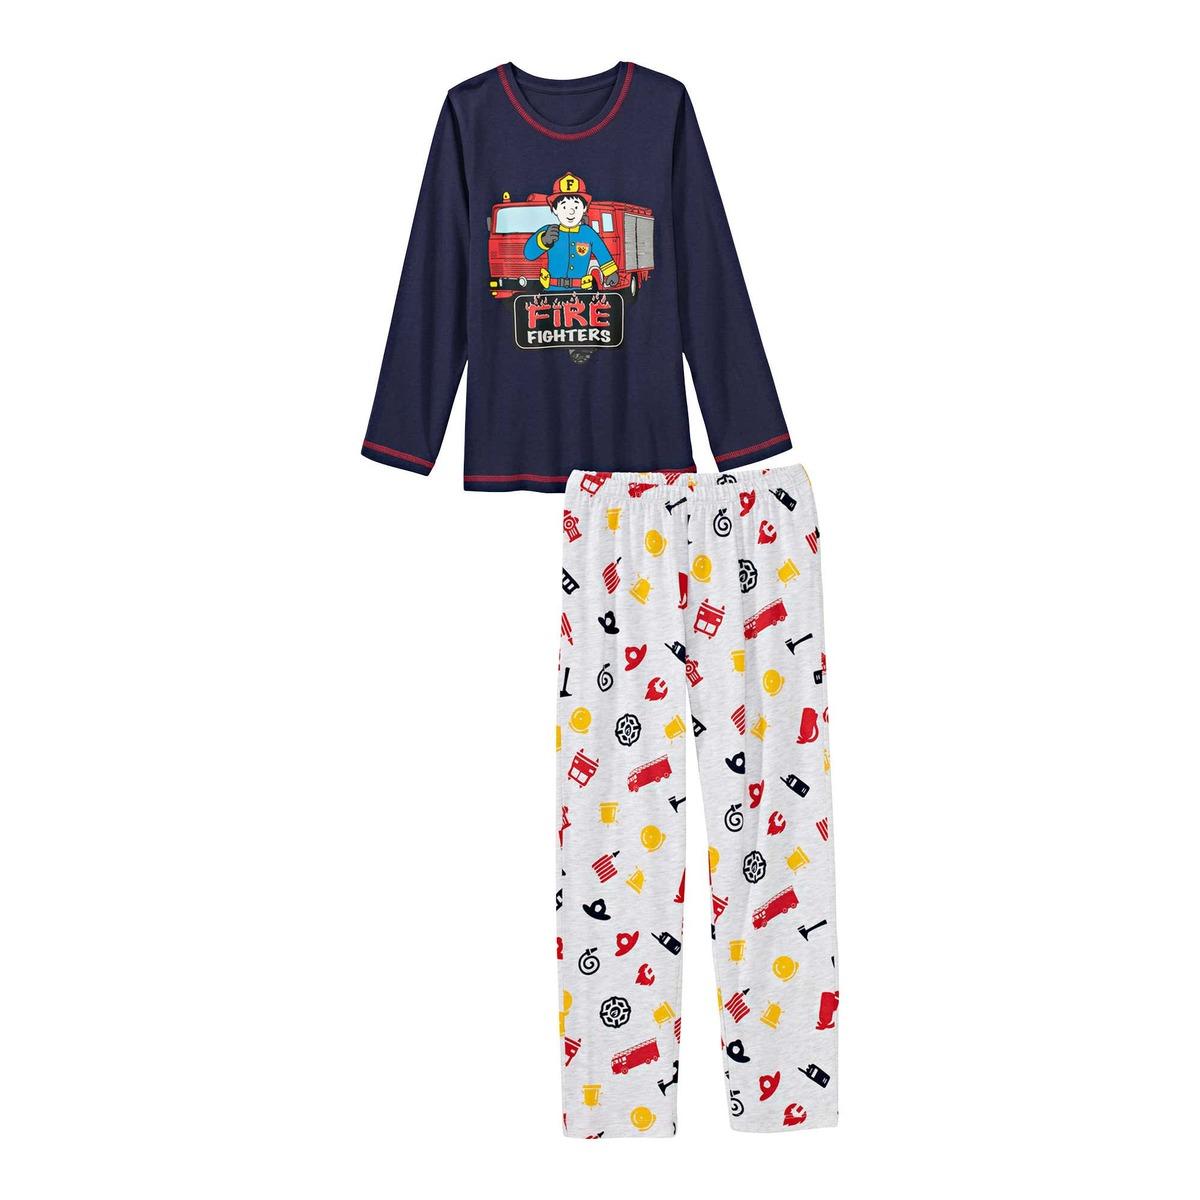 Bild 1 von Jungen-Schlafanzug mit Feuerwehr-Muster, 2-teilig